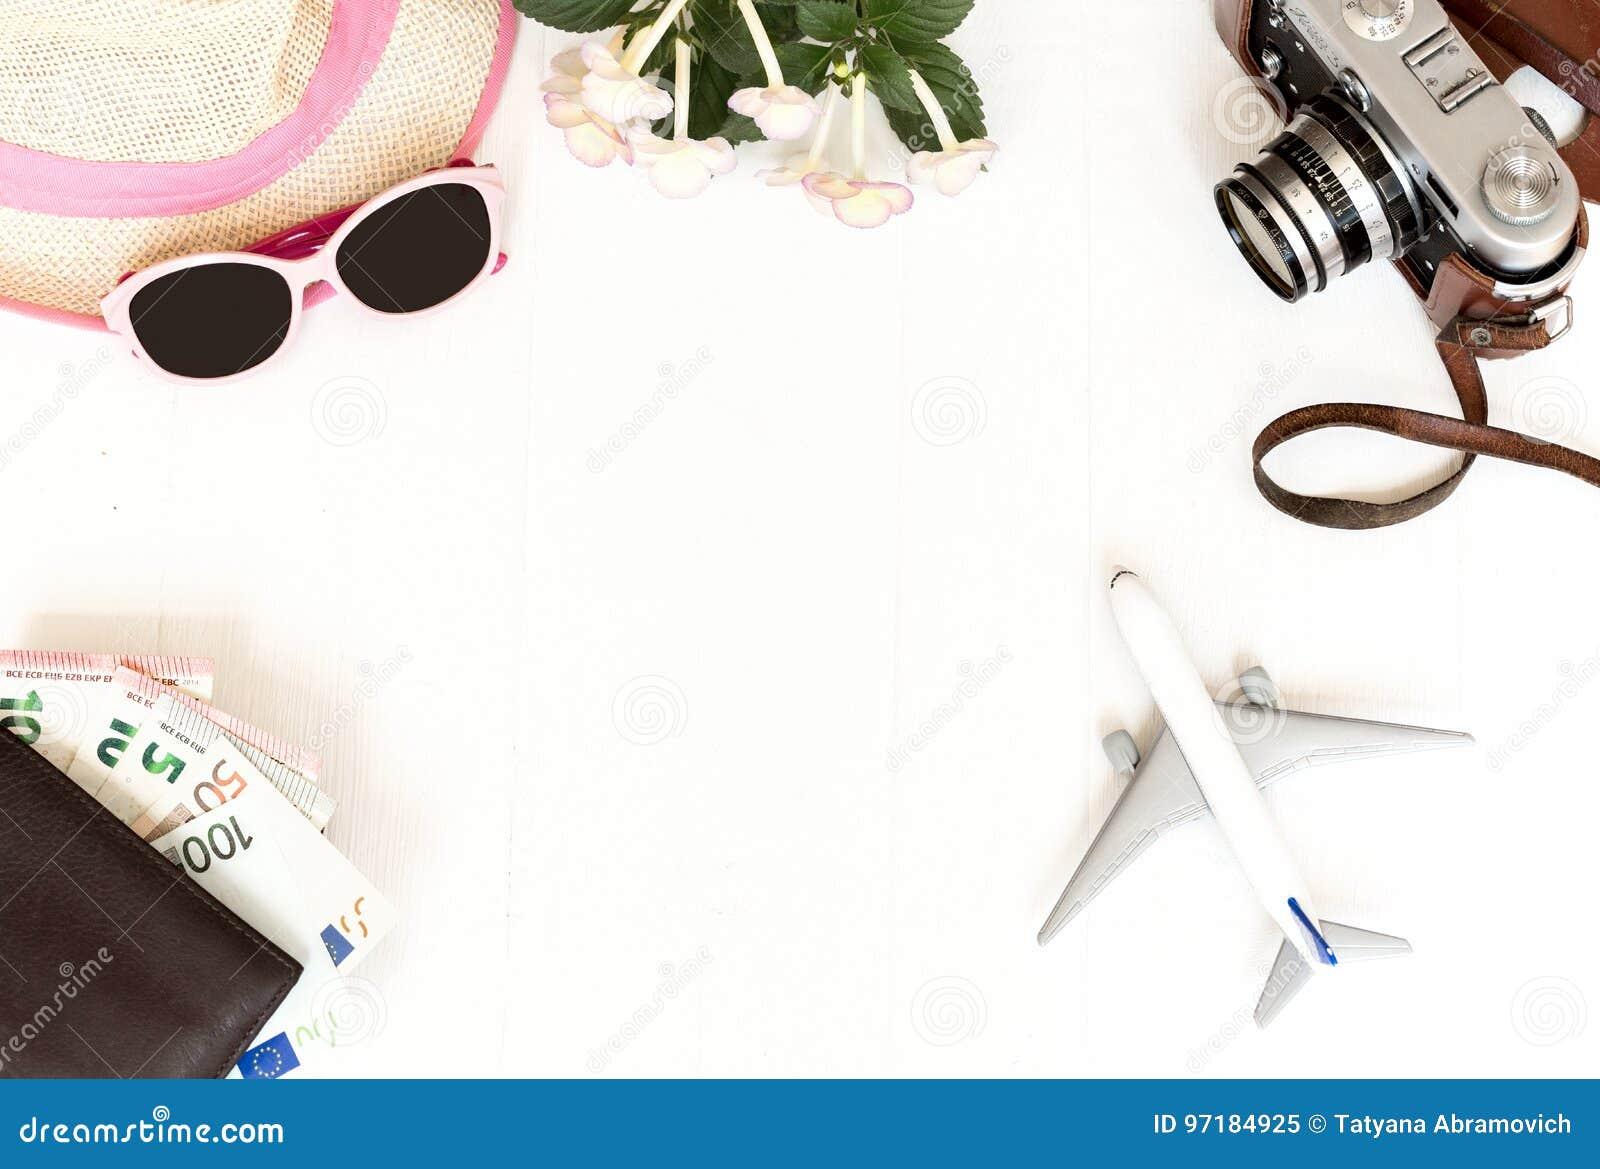 白色背景、旅行、飞机、照相机、草帽、钱包有银行卡的和金钱,顶视图